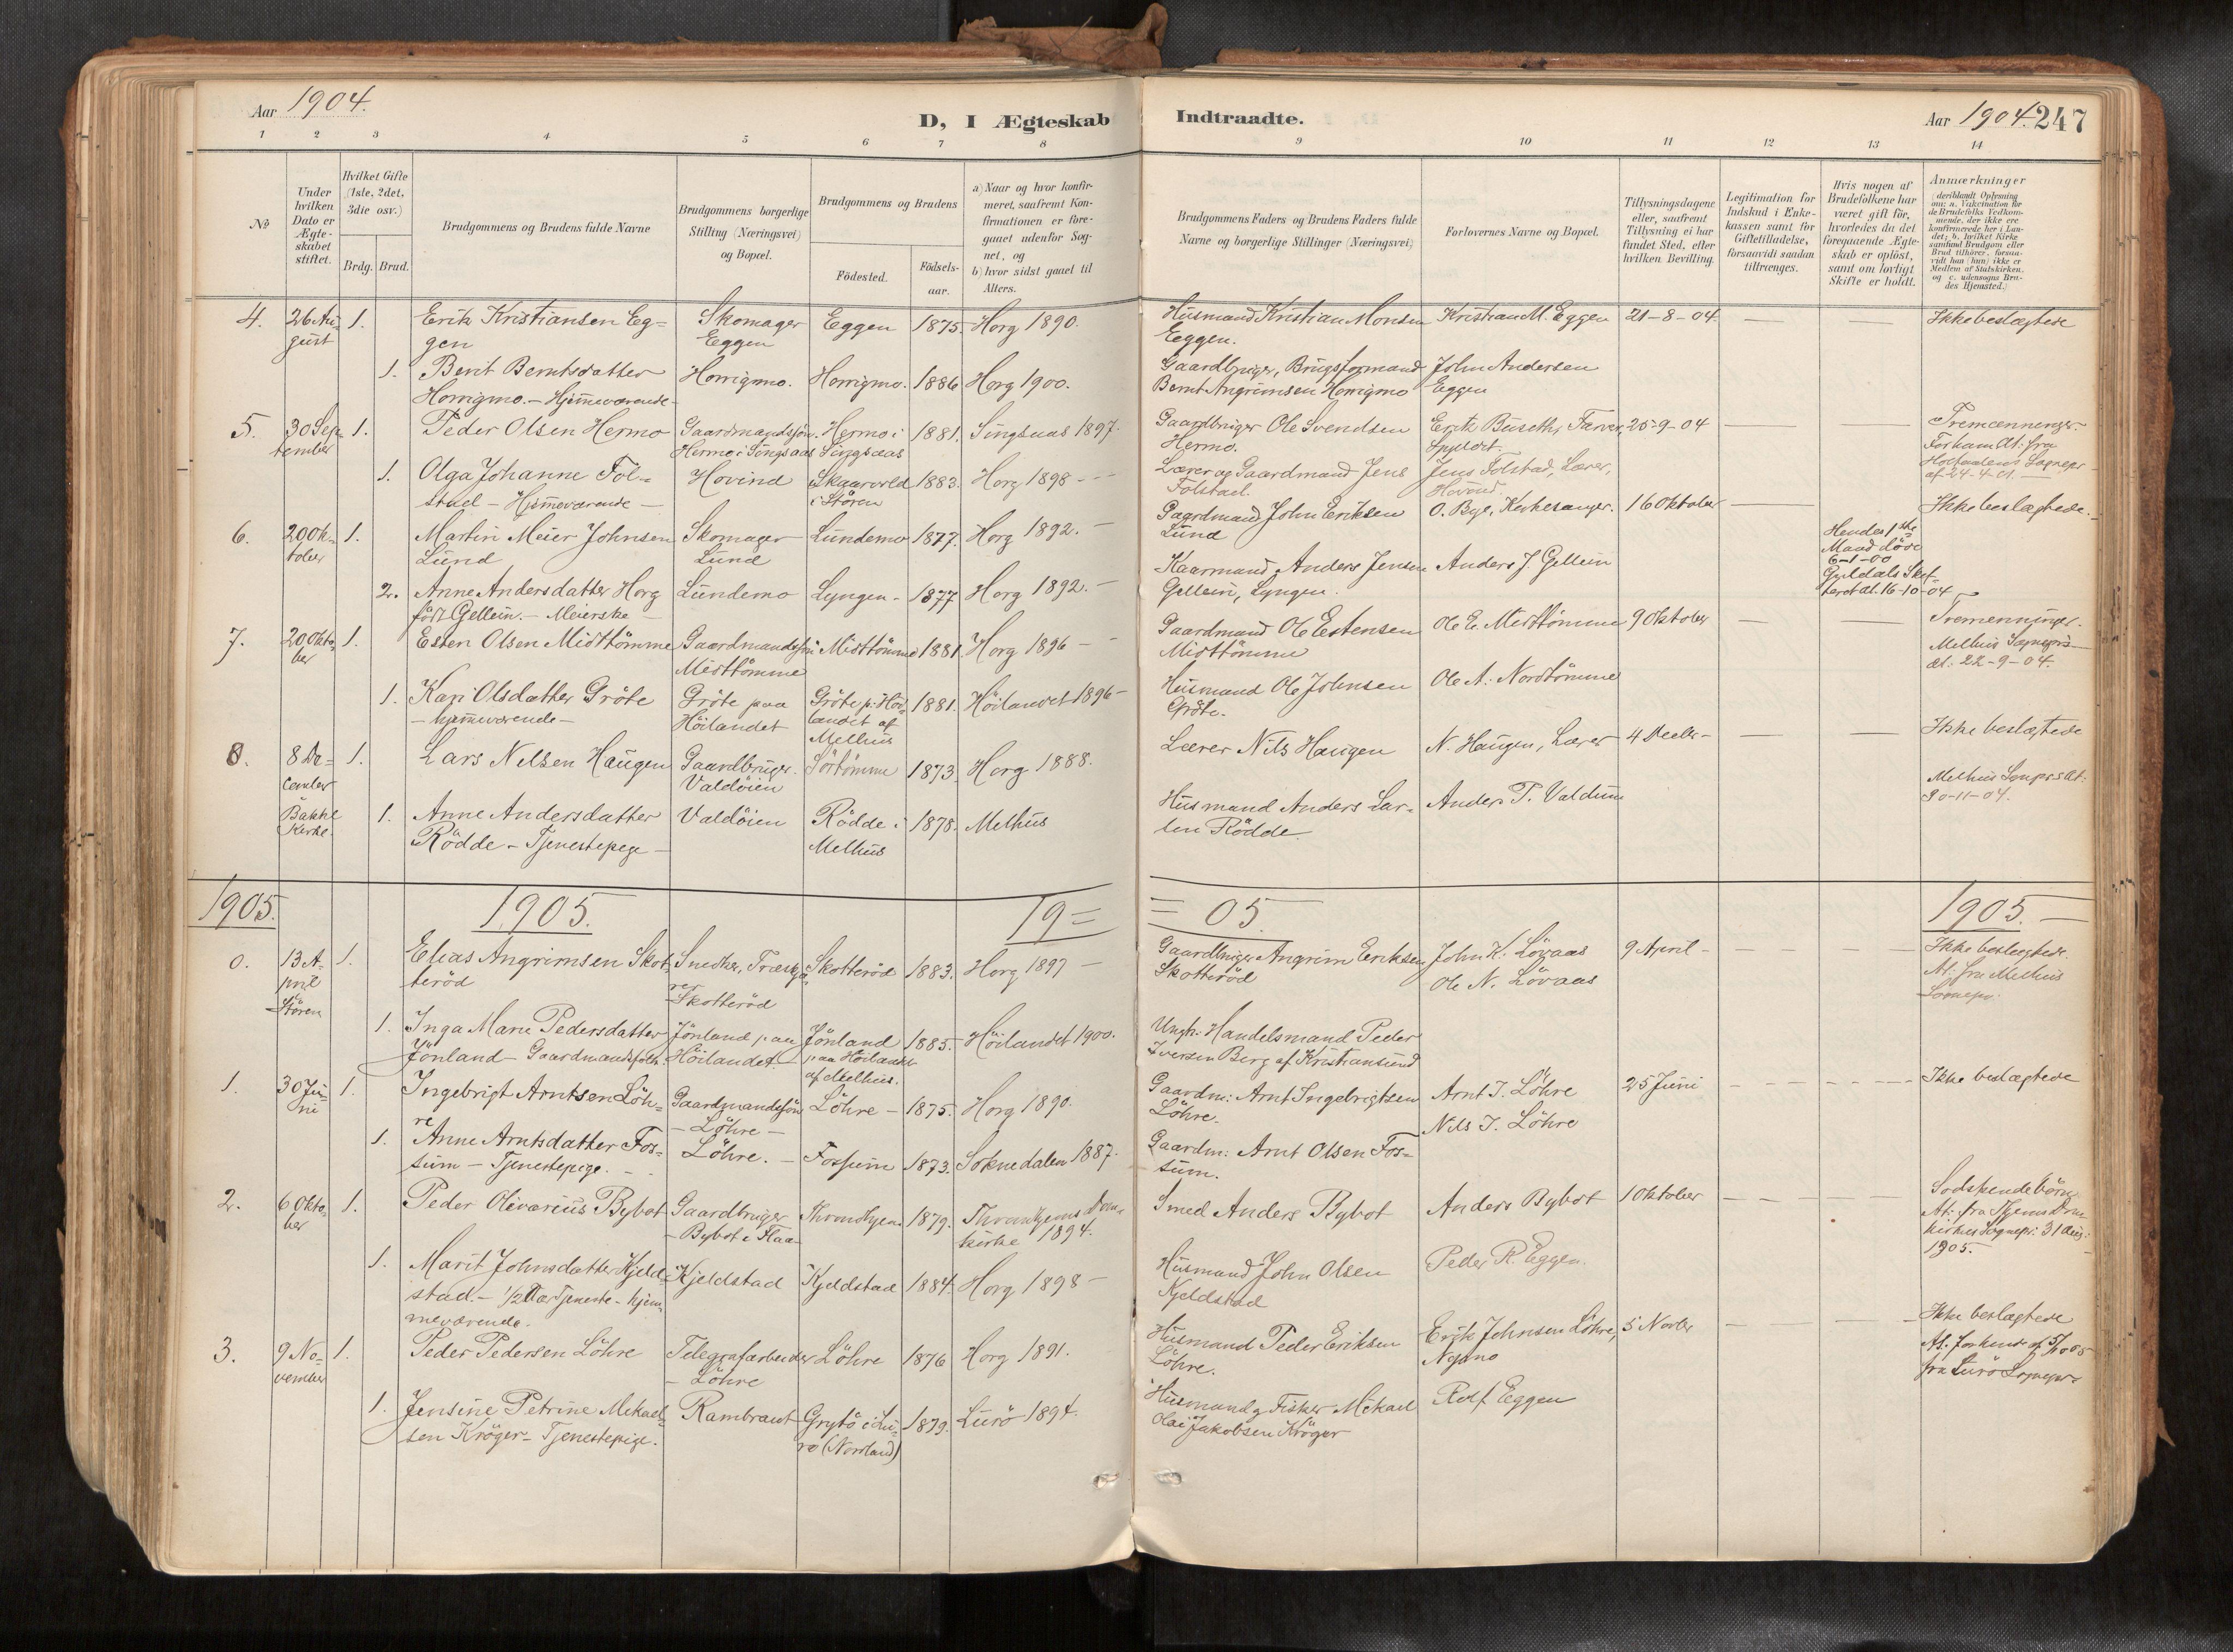 SAT, Ministerialprotokoller, klokkerbøker og fødselsregistre - Sør-Trøndelag, 692/L1105b: Ministerialbok nr. 692A06, 1891-1934, s. 247